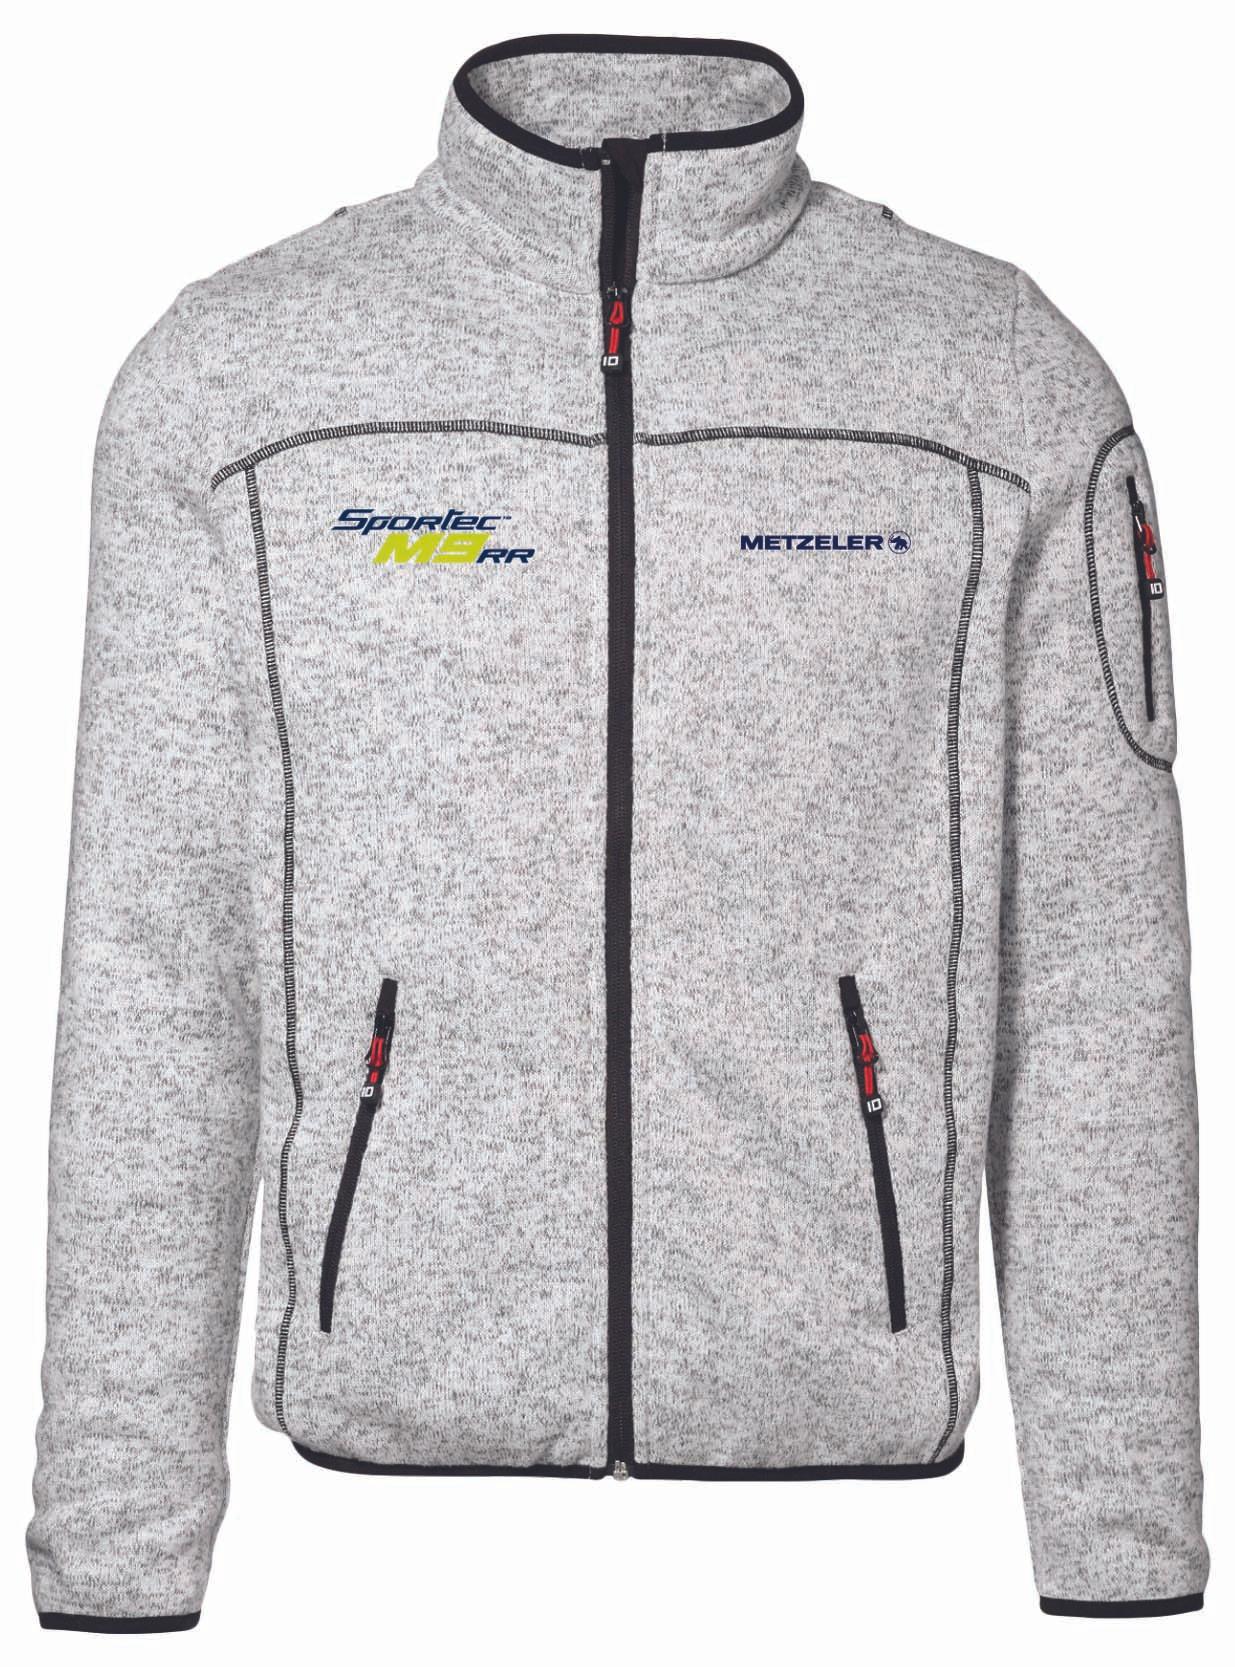 Veste de moto Metzeler avec logo au choix offerte pour l'achat d'un train de pneus moto parmi une sélection